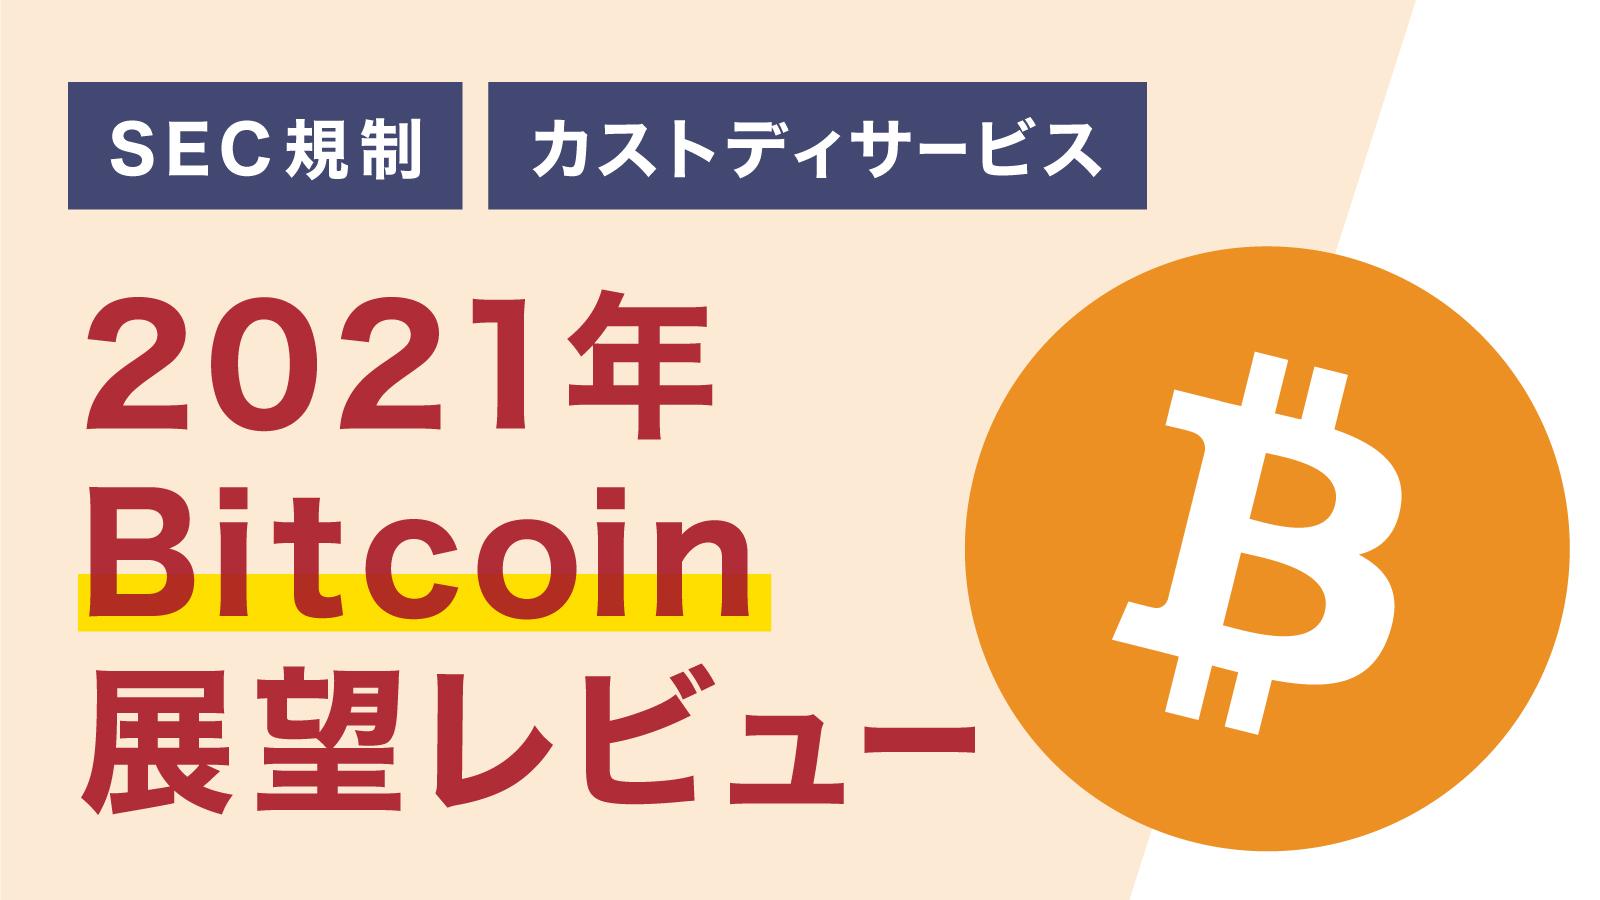 2021年 Bitcoin注目トピック